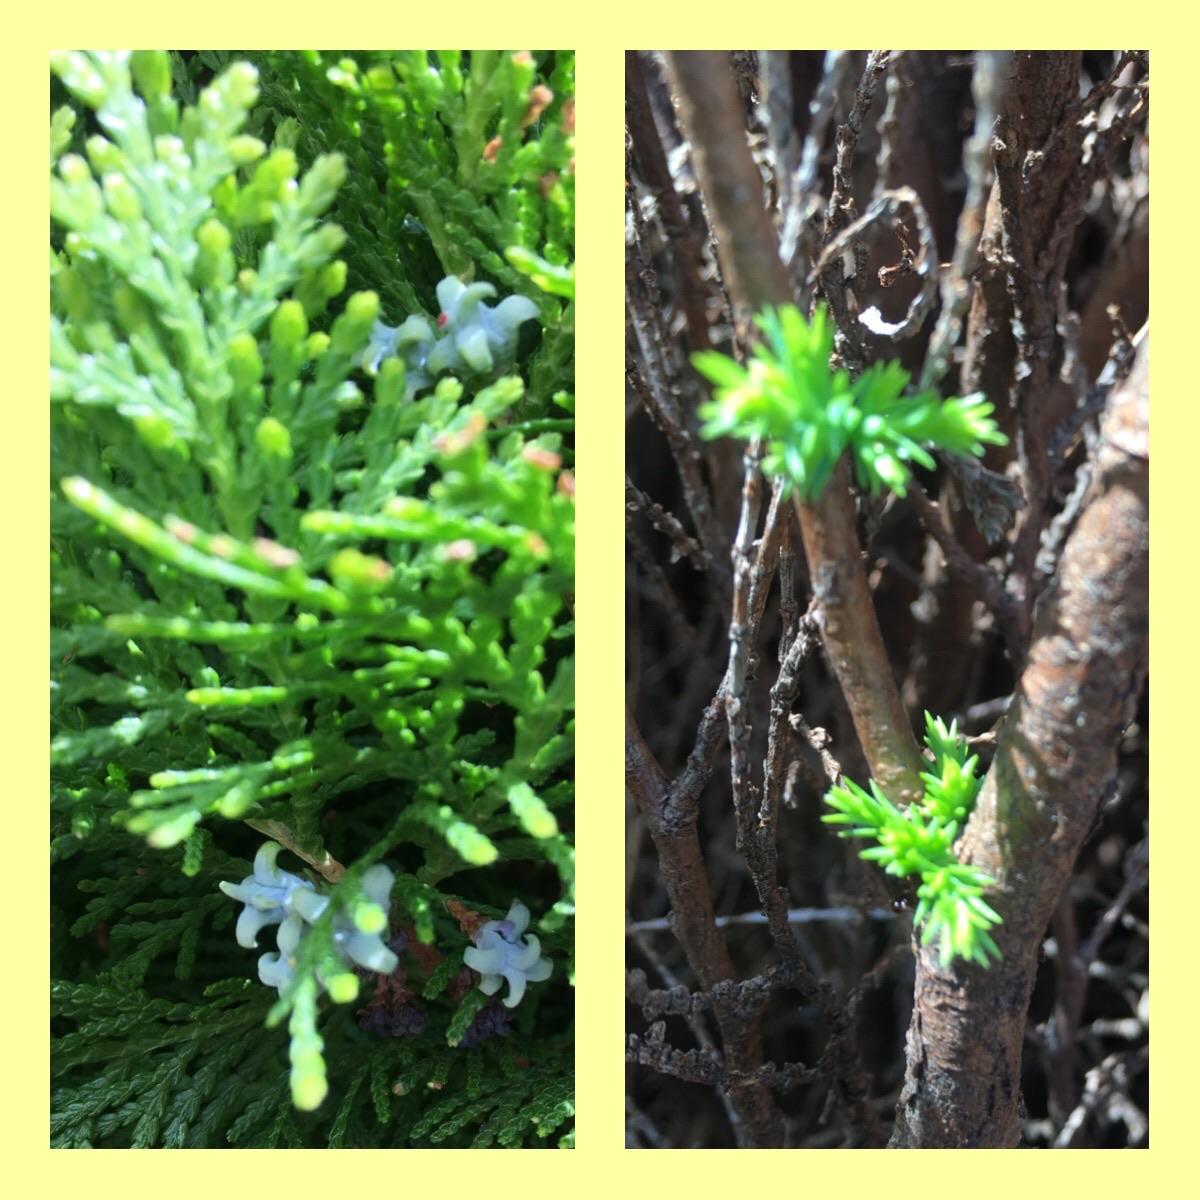 ヒバ,実,新芽,剪定から半月,